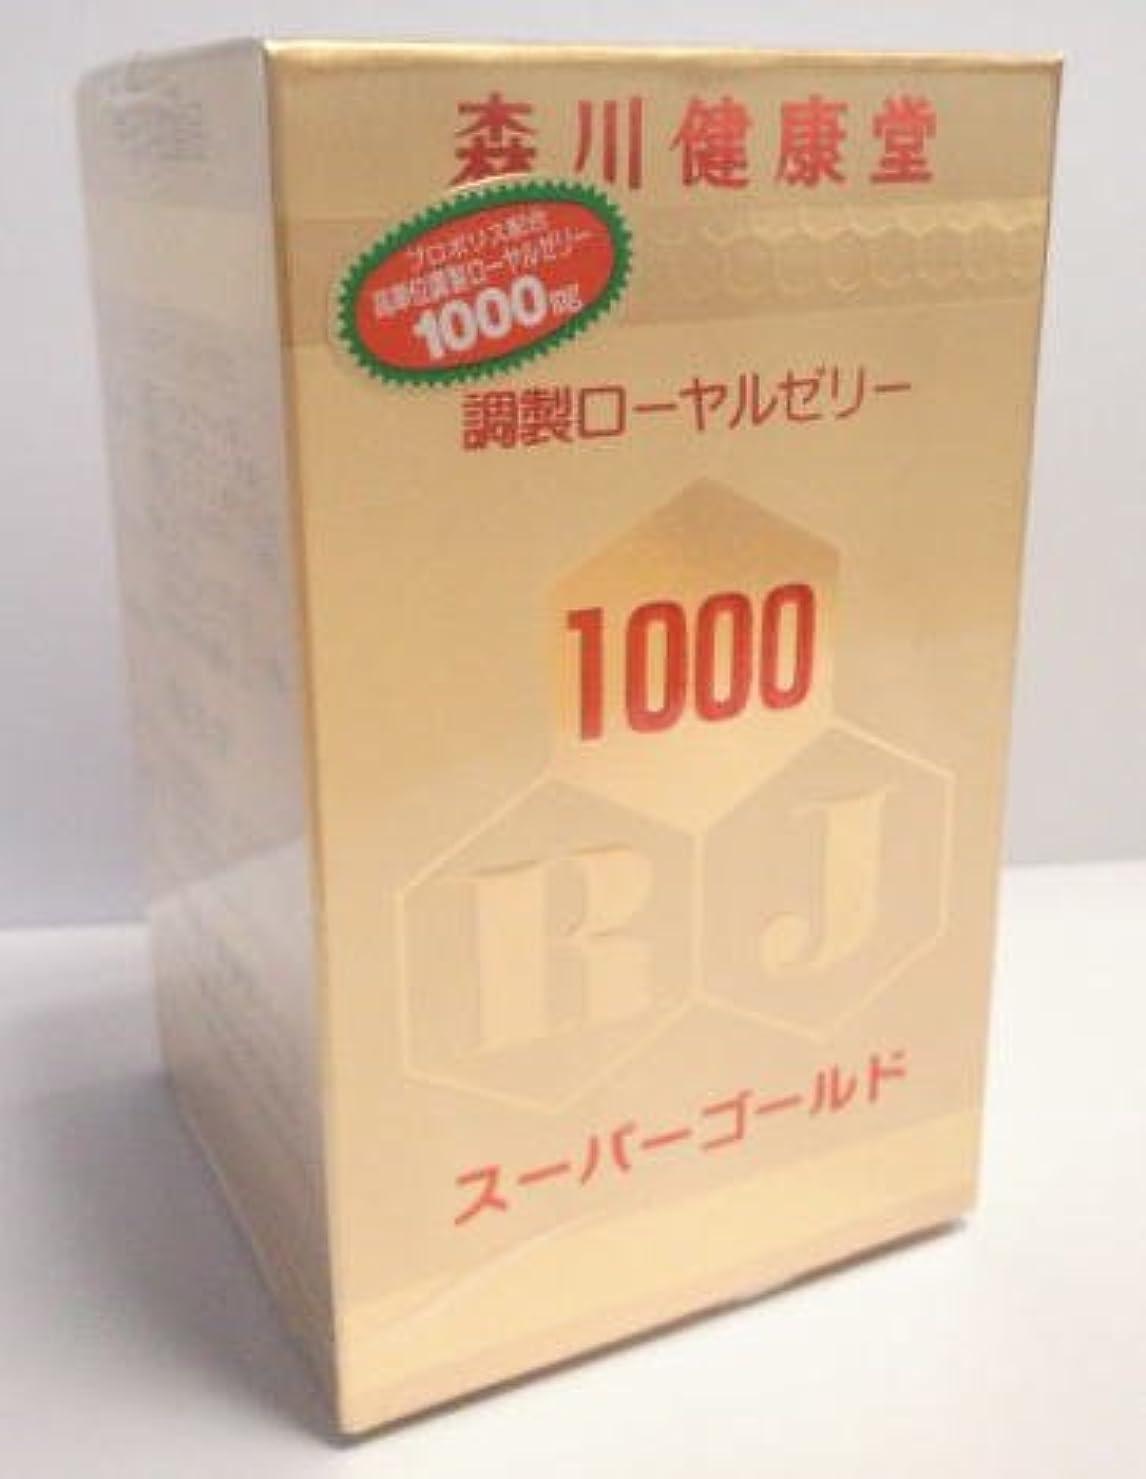 絶滅した行凍る森川健康堂ローヤルゼリースーパーゴールド1000(200球×2個セット)